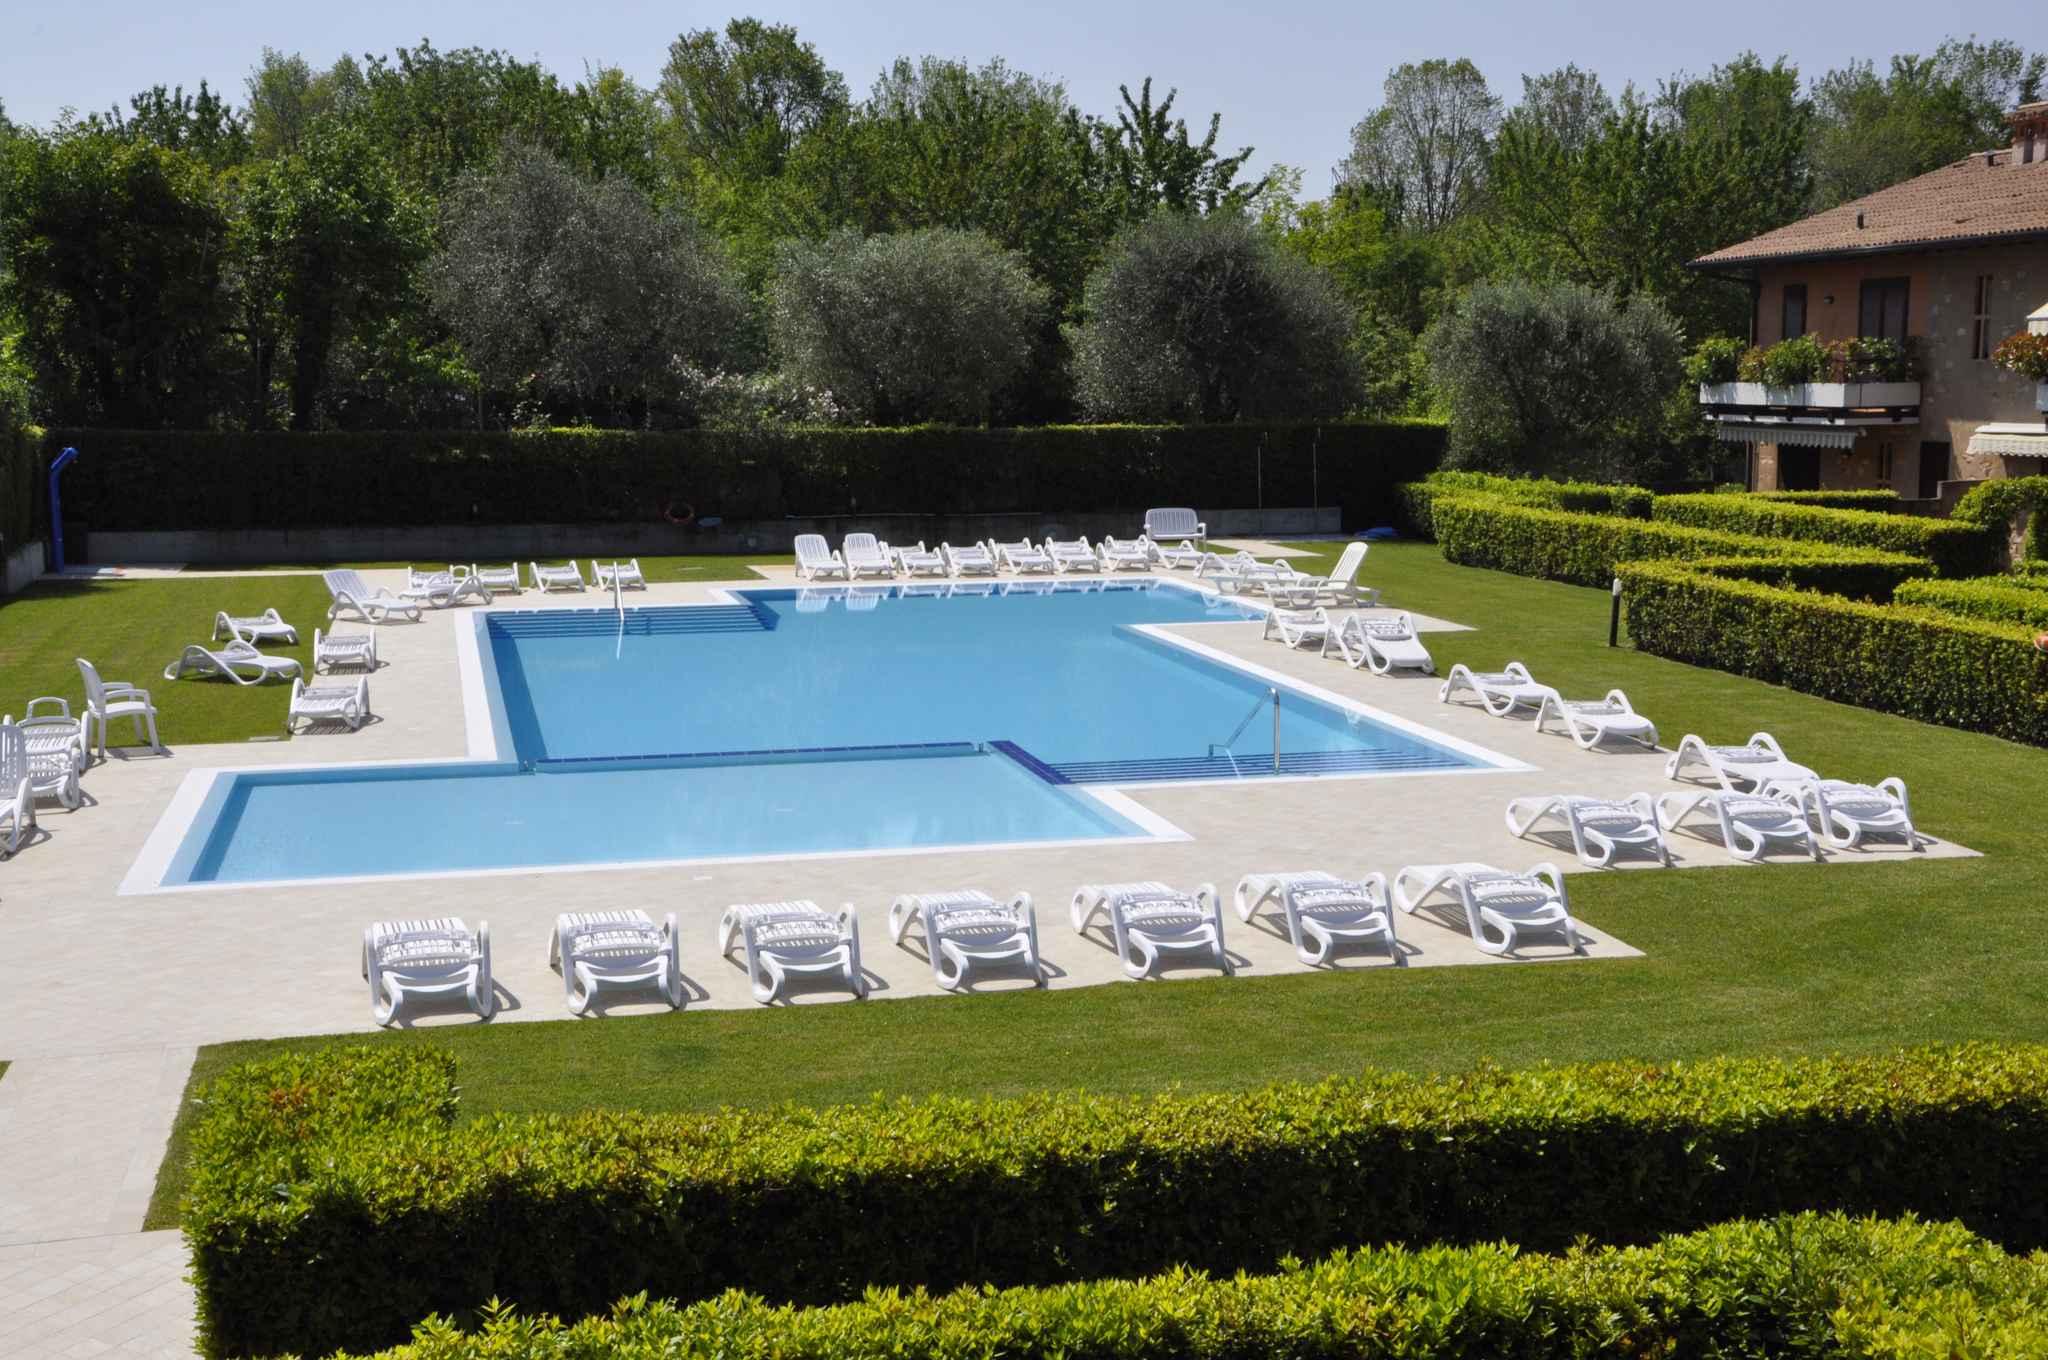 Ferienwohnung con piscina (279580), Lazise, Gardasee, Venetien, Italien, Bild 6